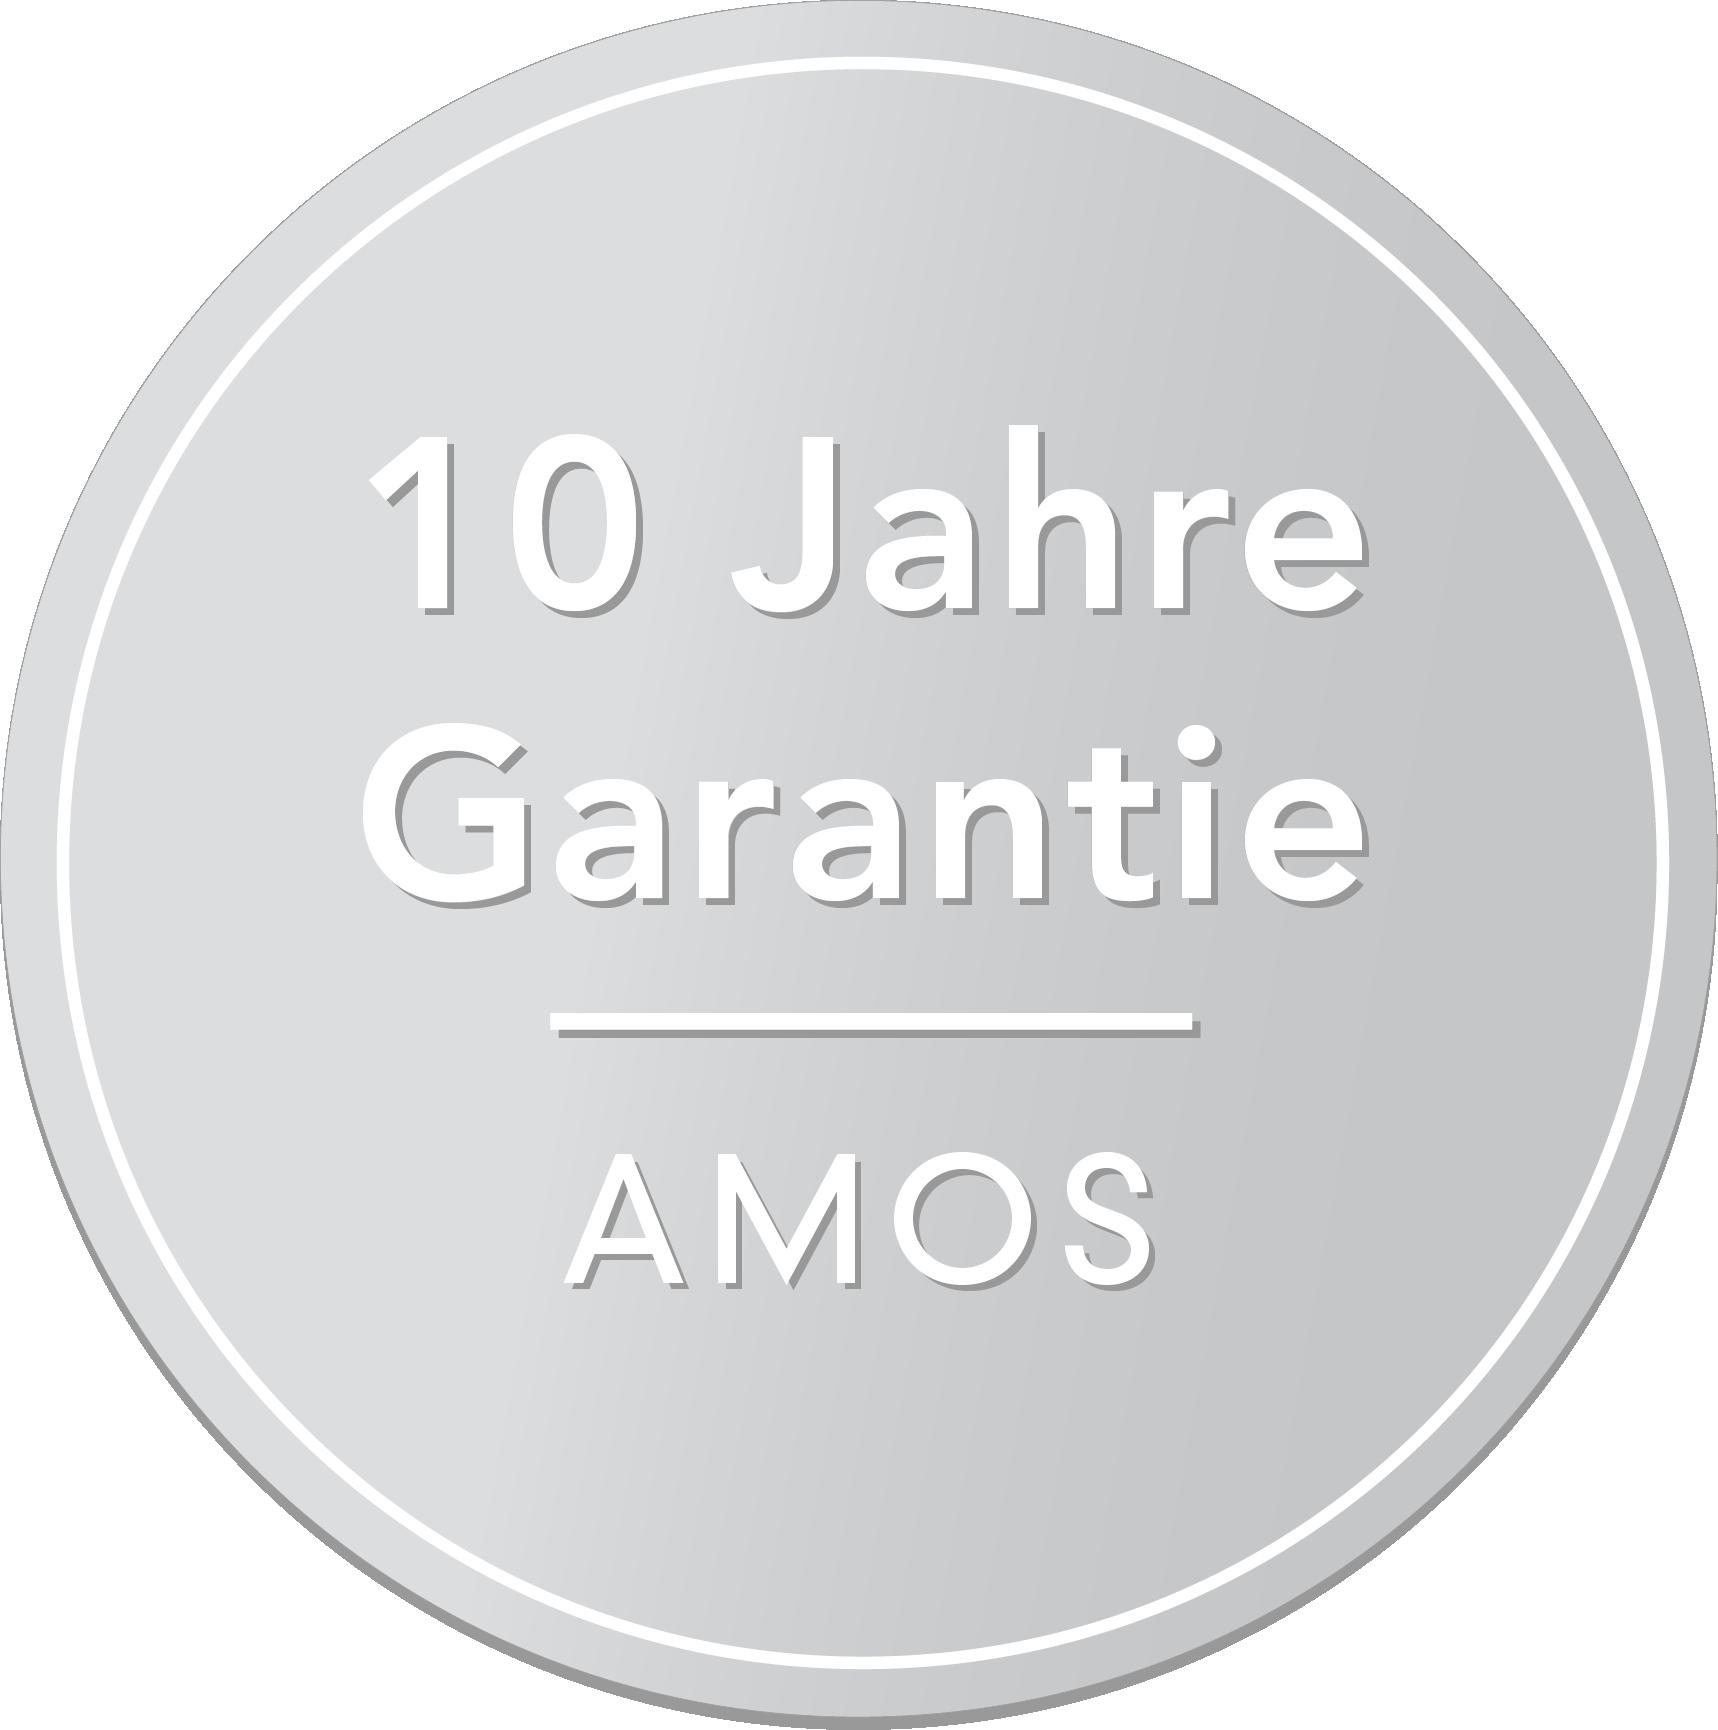 10 Jahre Garantie - AMOS